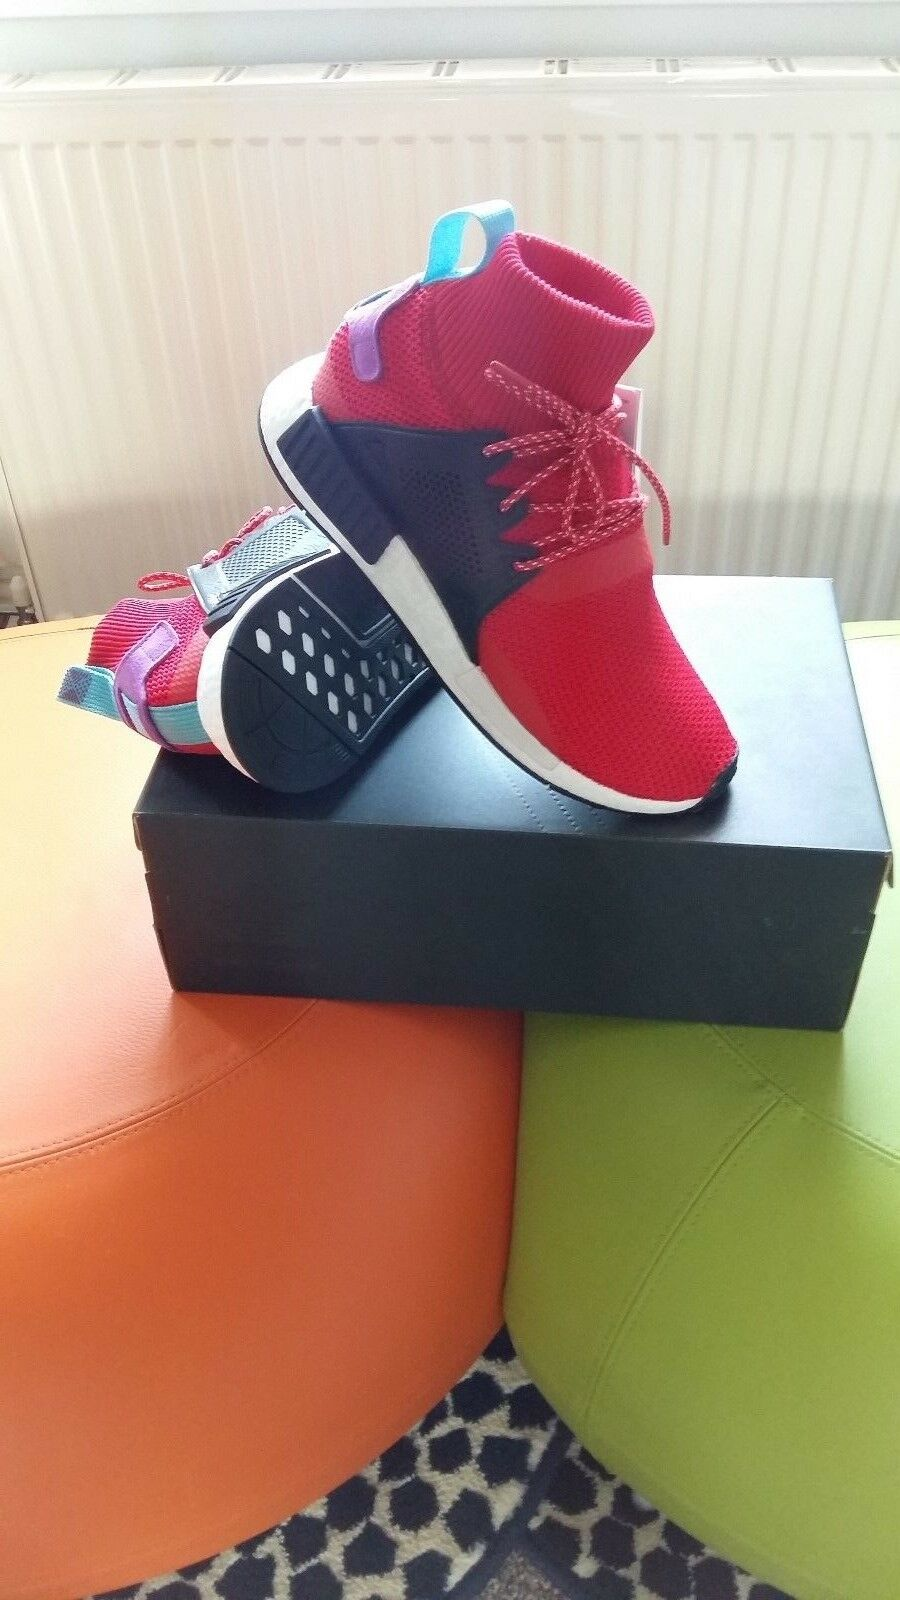 Originals Adidas NMD XR1  Winter  Größe 8 uk  eur 42